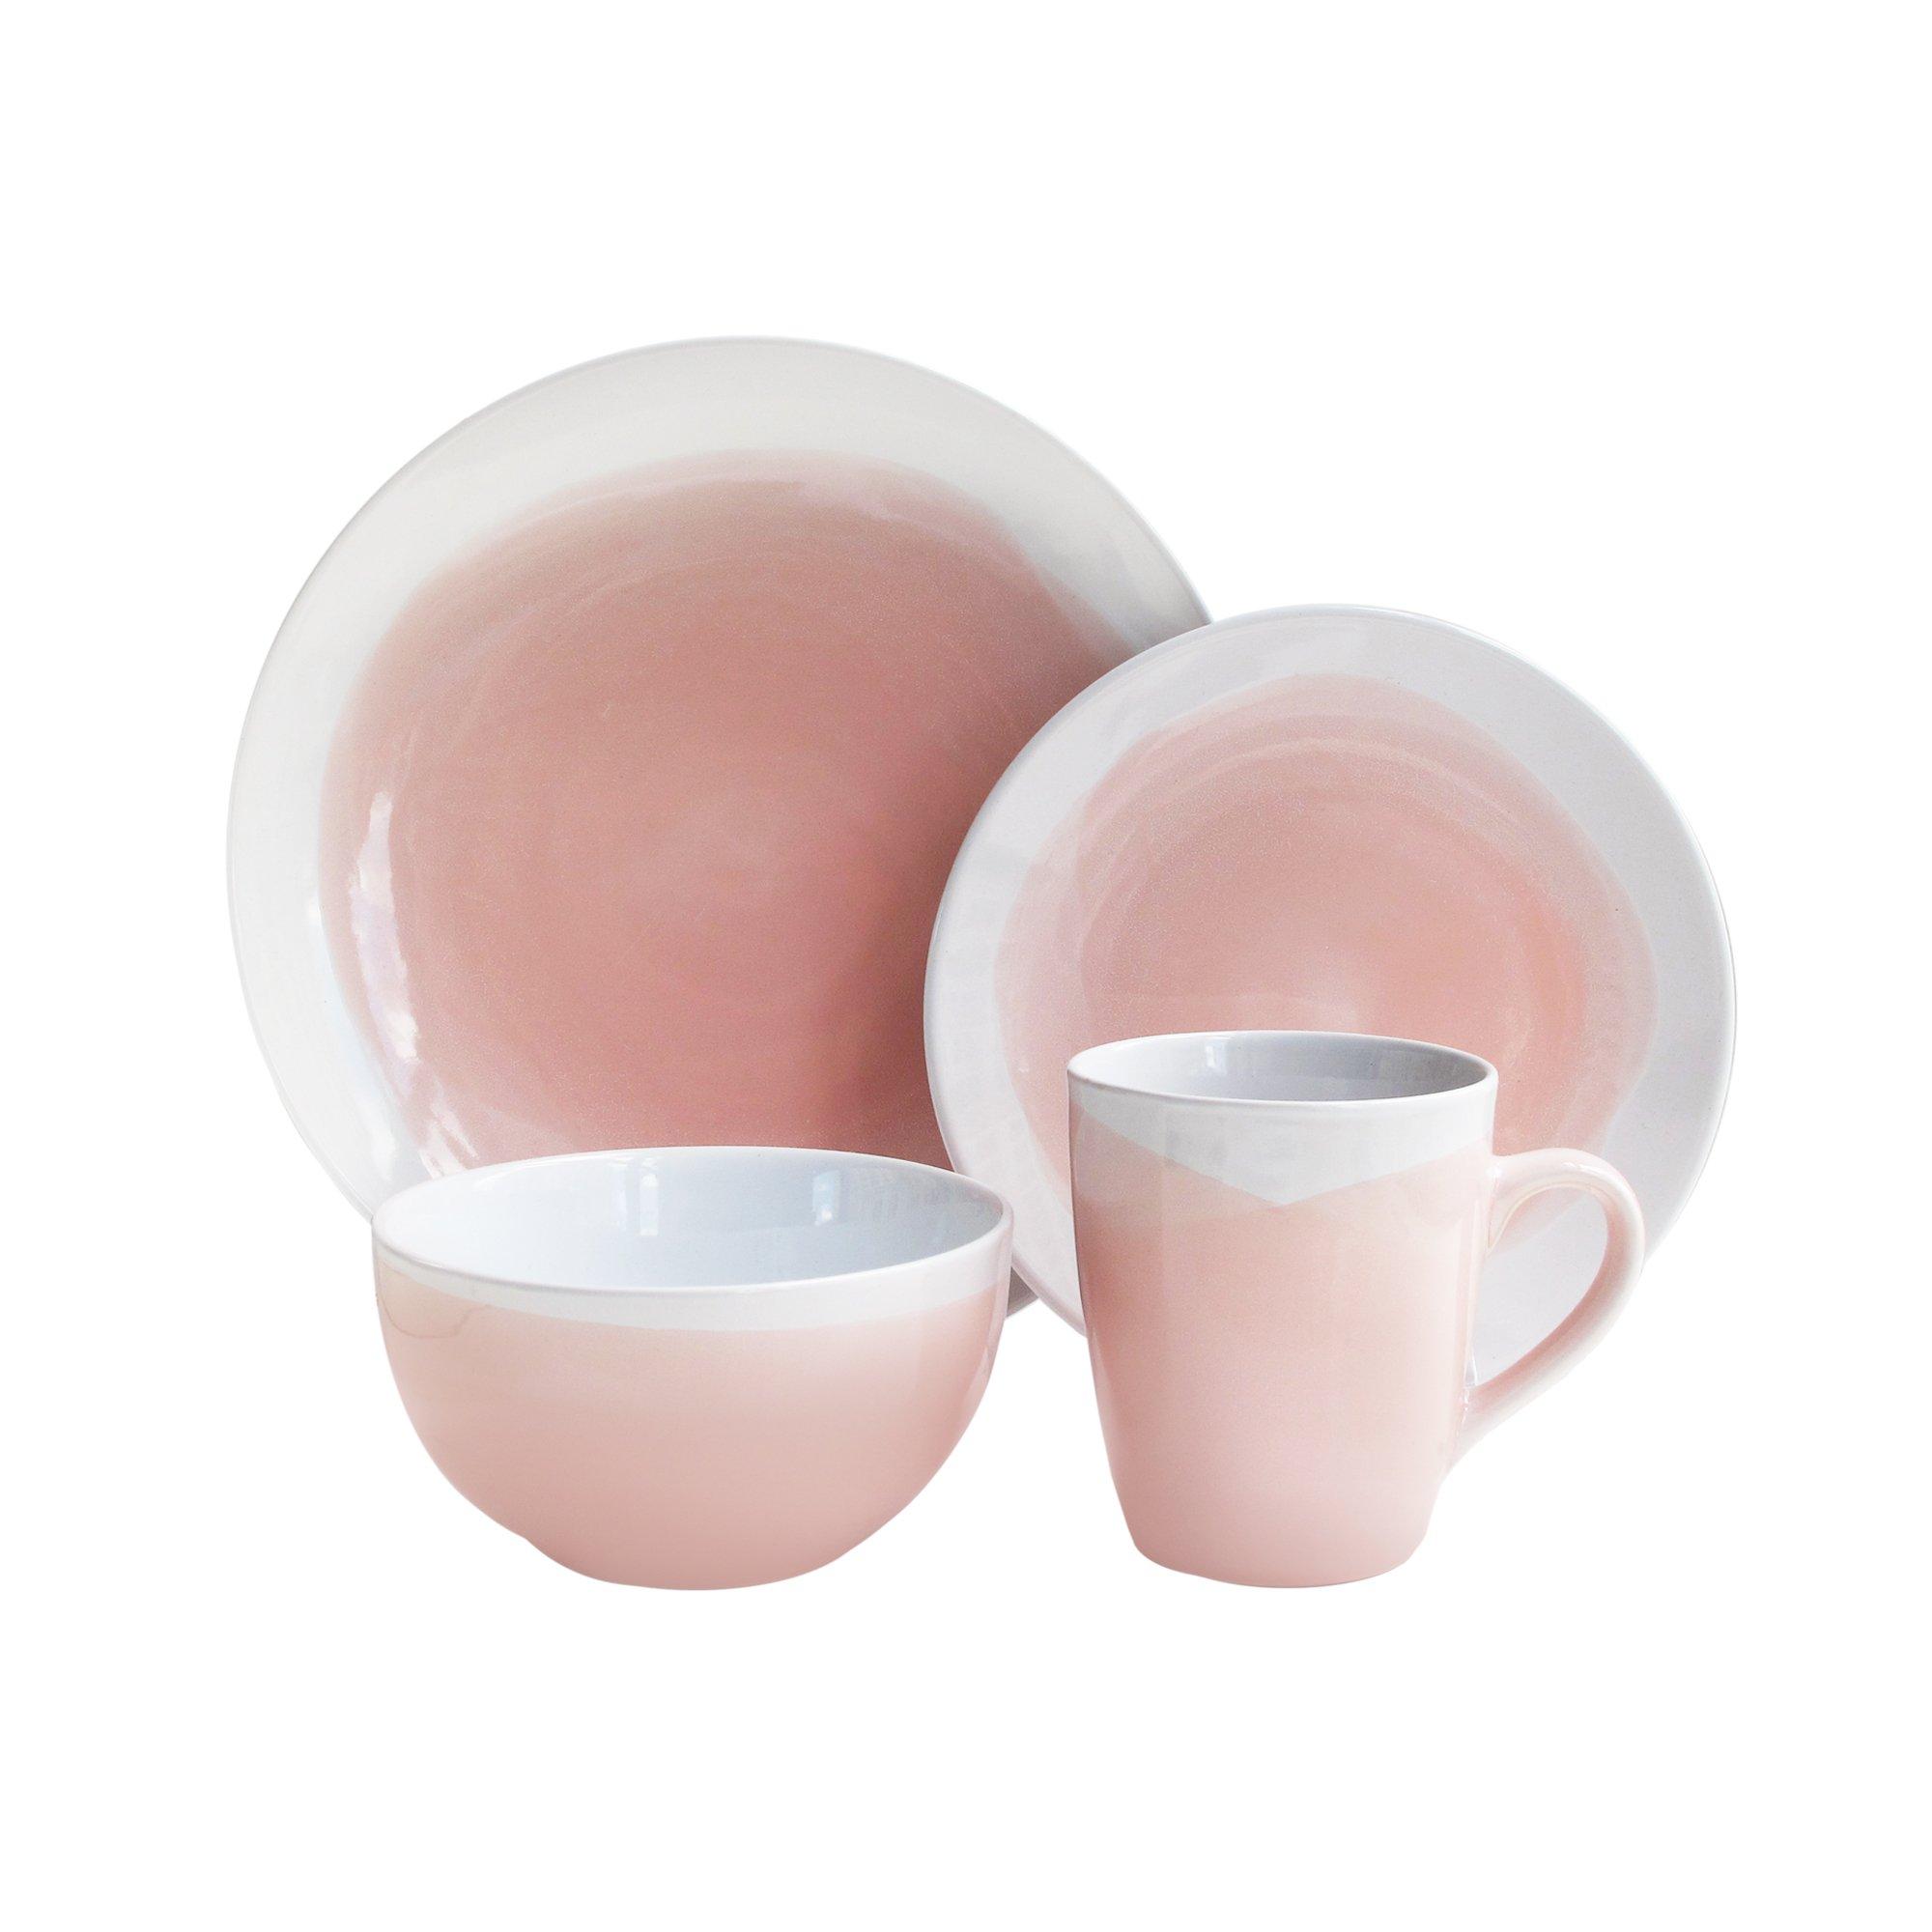 American Atelier 6693-16-RB Oasis Set Dinnerware, Pink